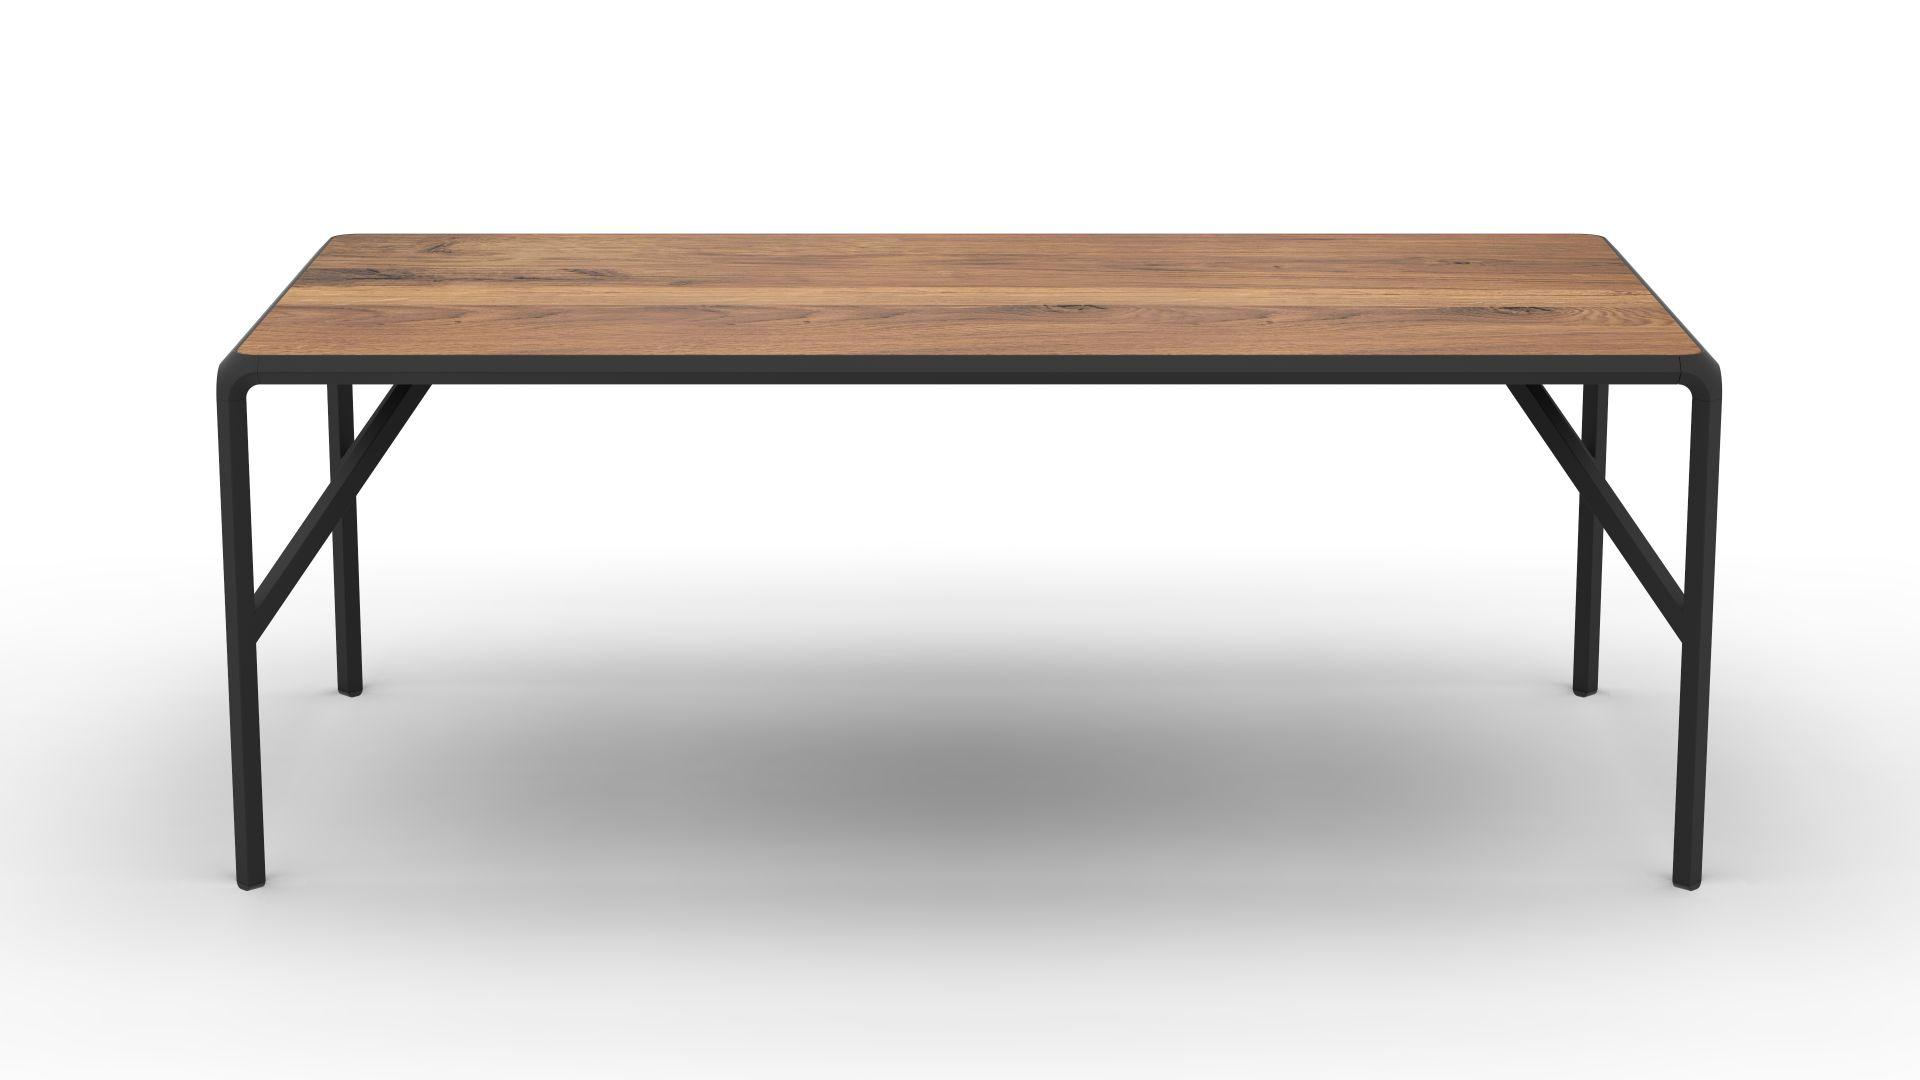 Rhomb Dining Table In Oak Steel From Felix Monza